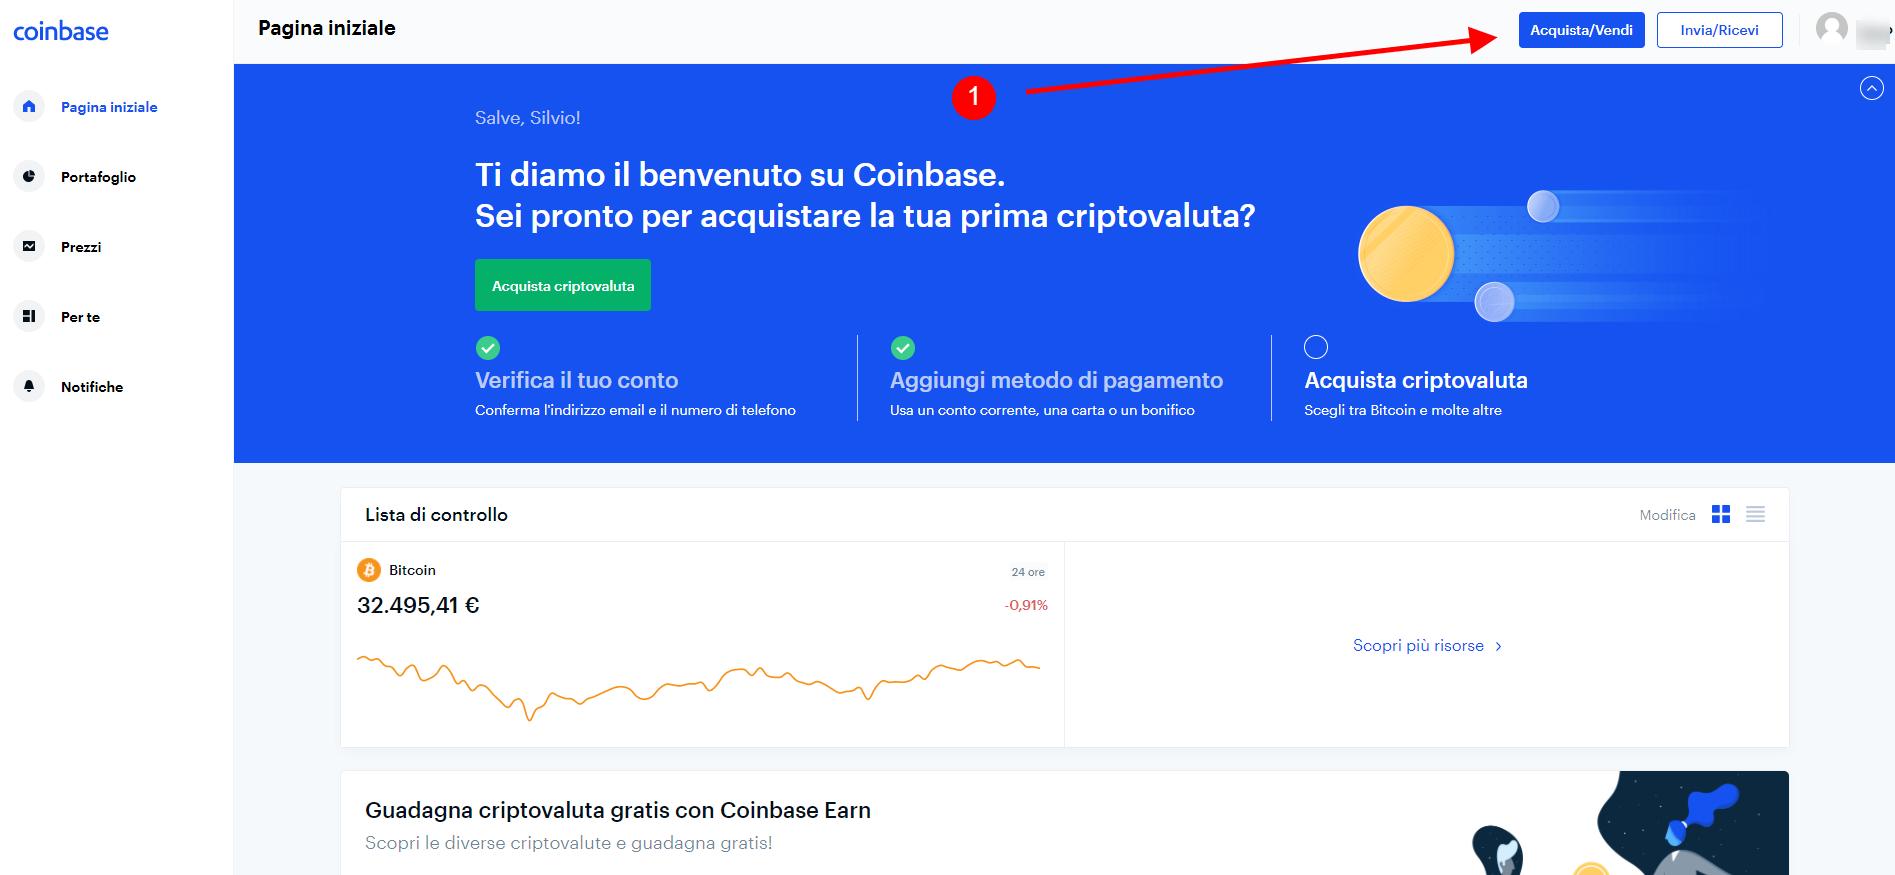 Acquista criptovaluta su Coinbase